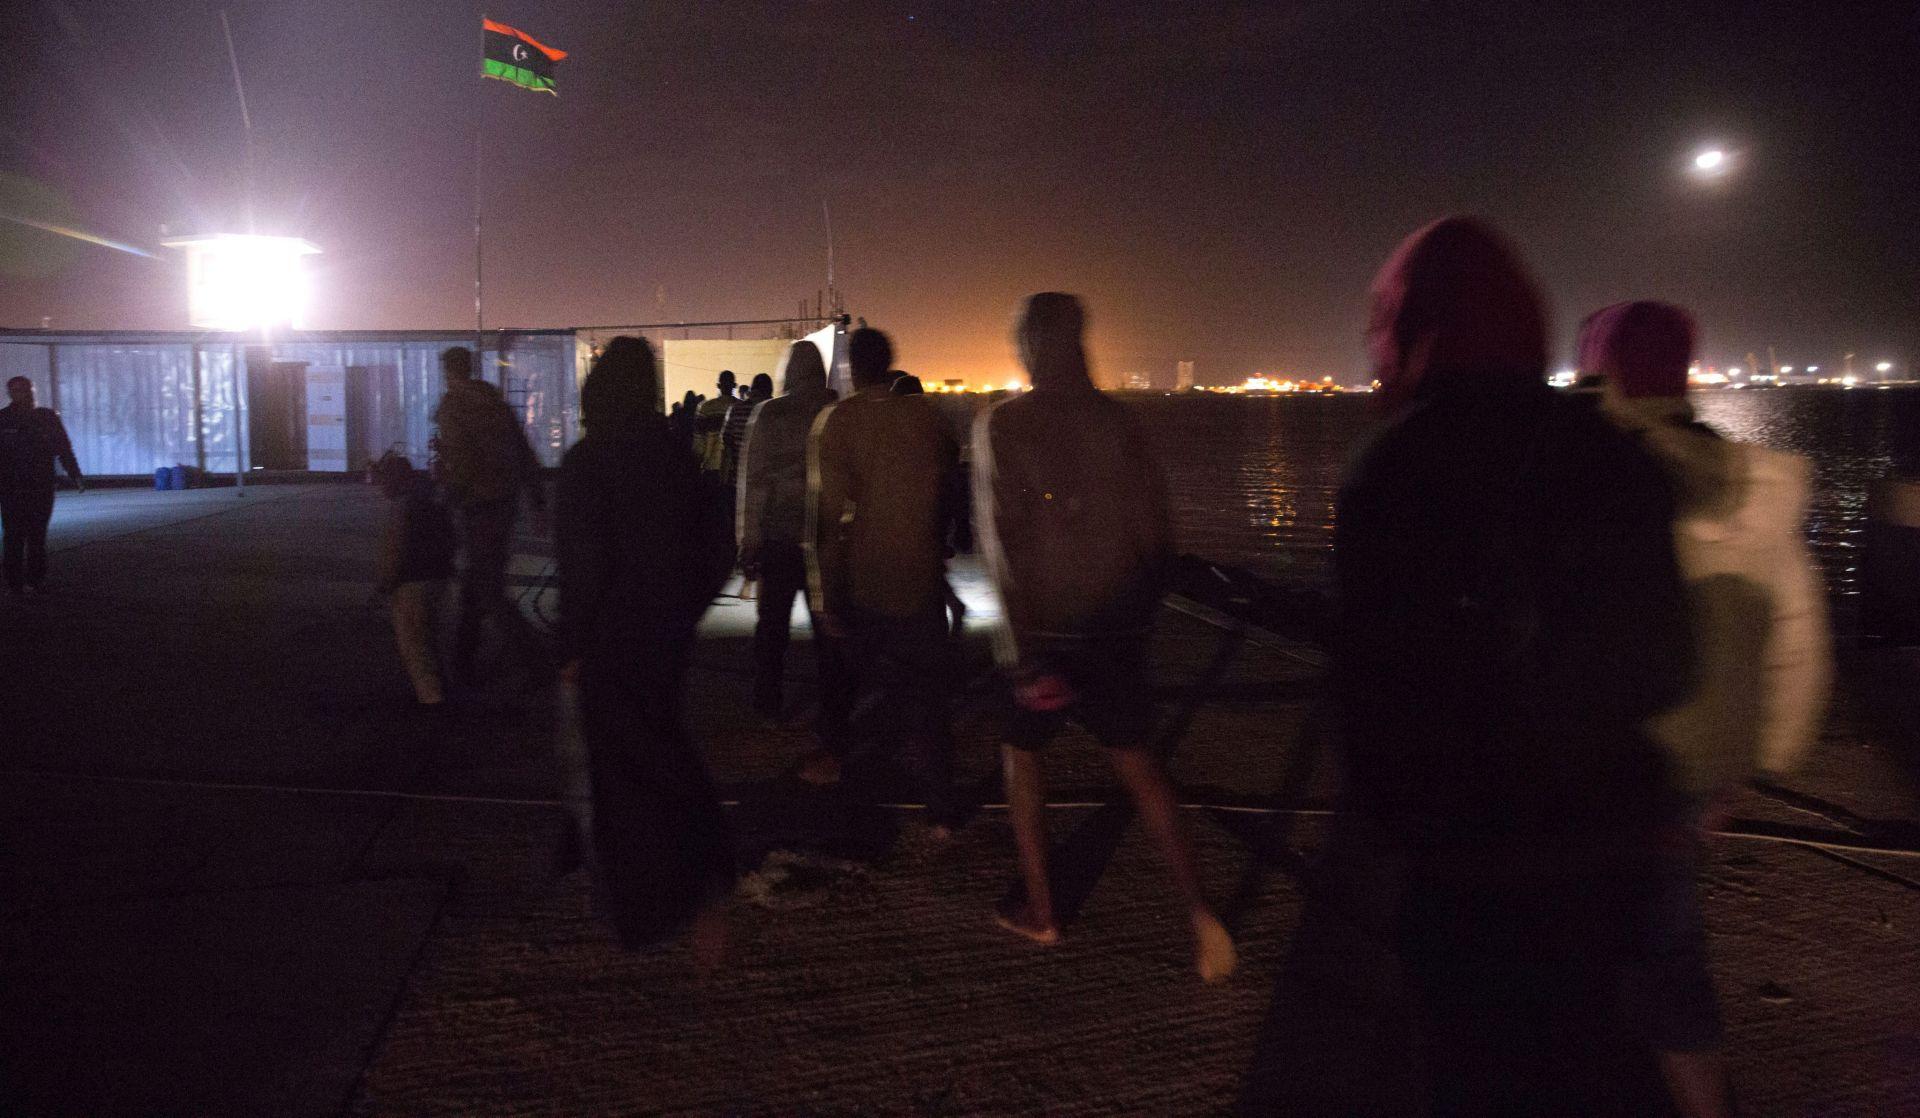 CRVENI KRIŽ: Trinaest migranata ugušilo se u kontejneru u Libiji